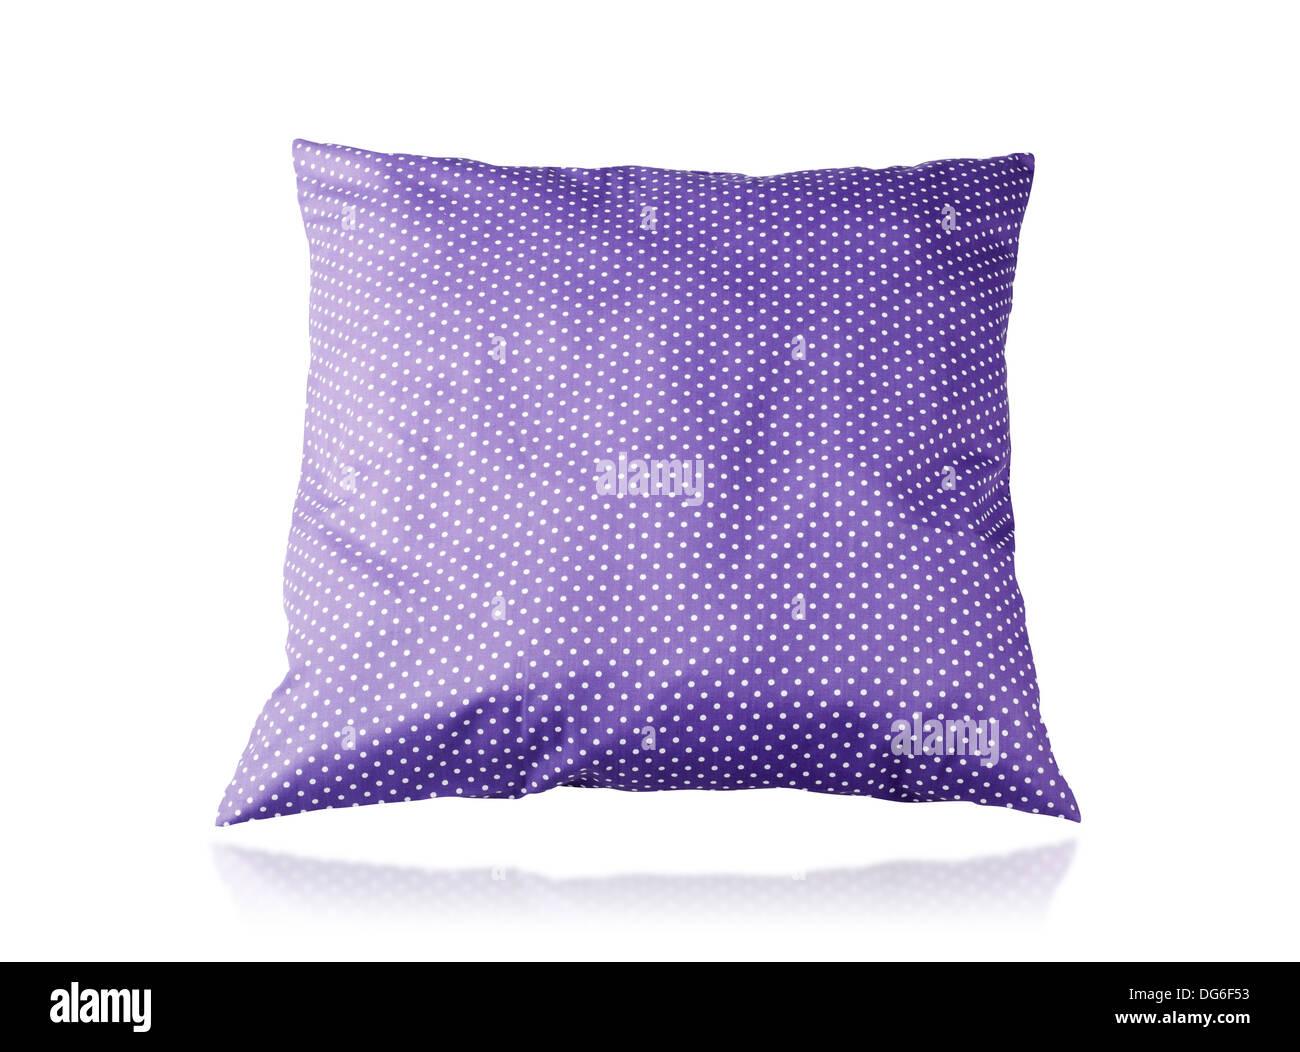 beautiful big cushion isolated on white background - Stock Image